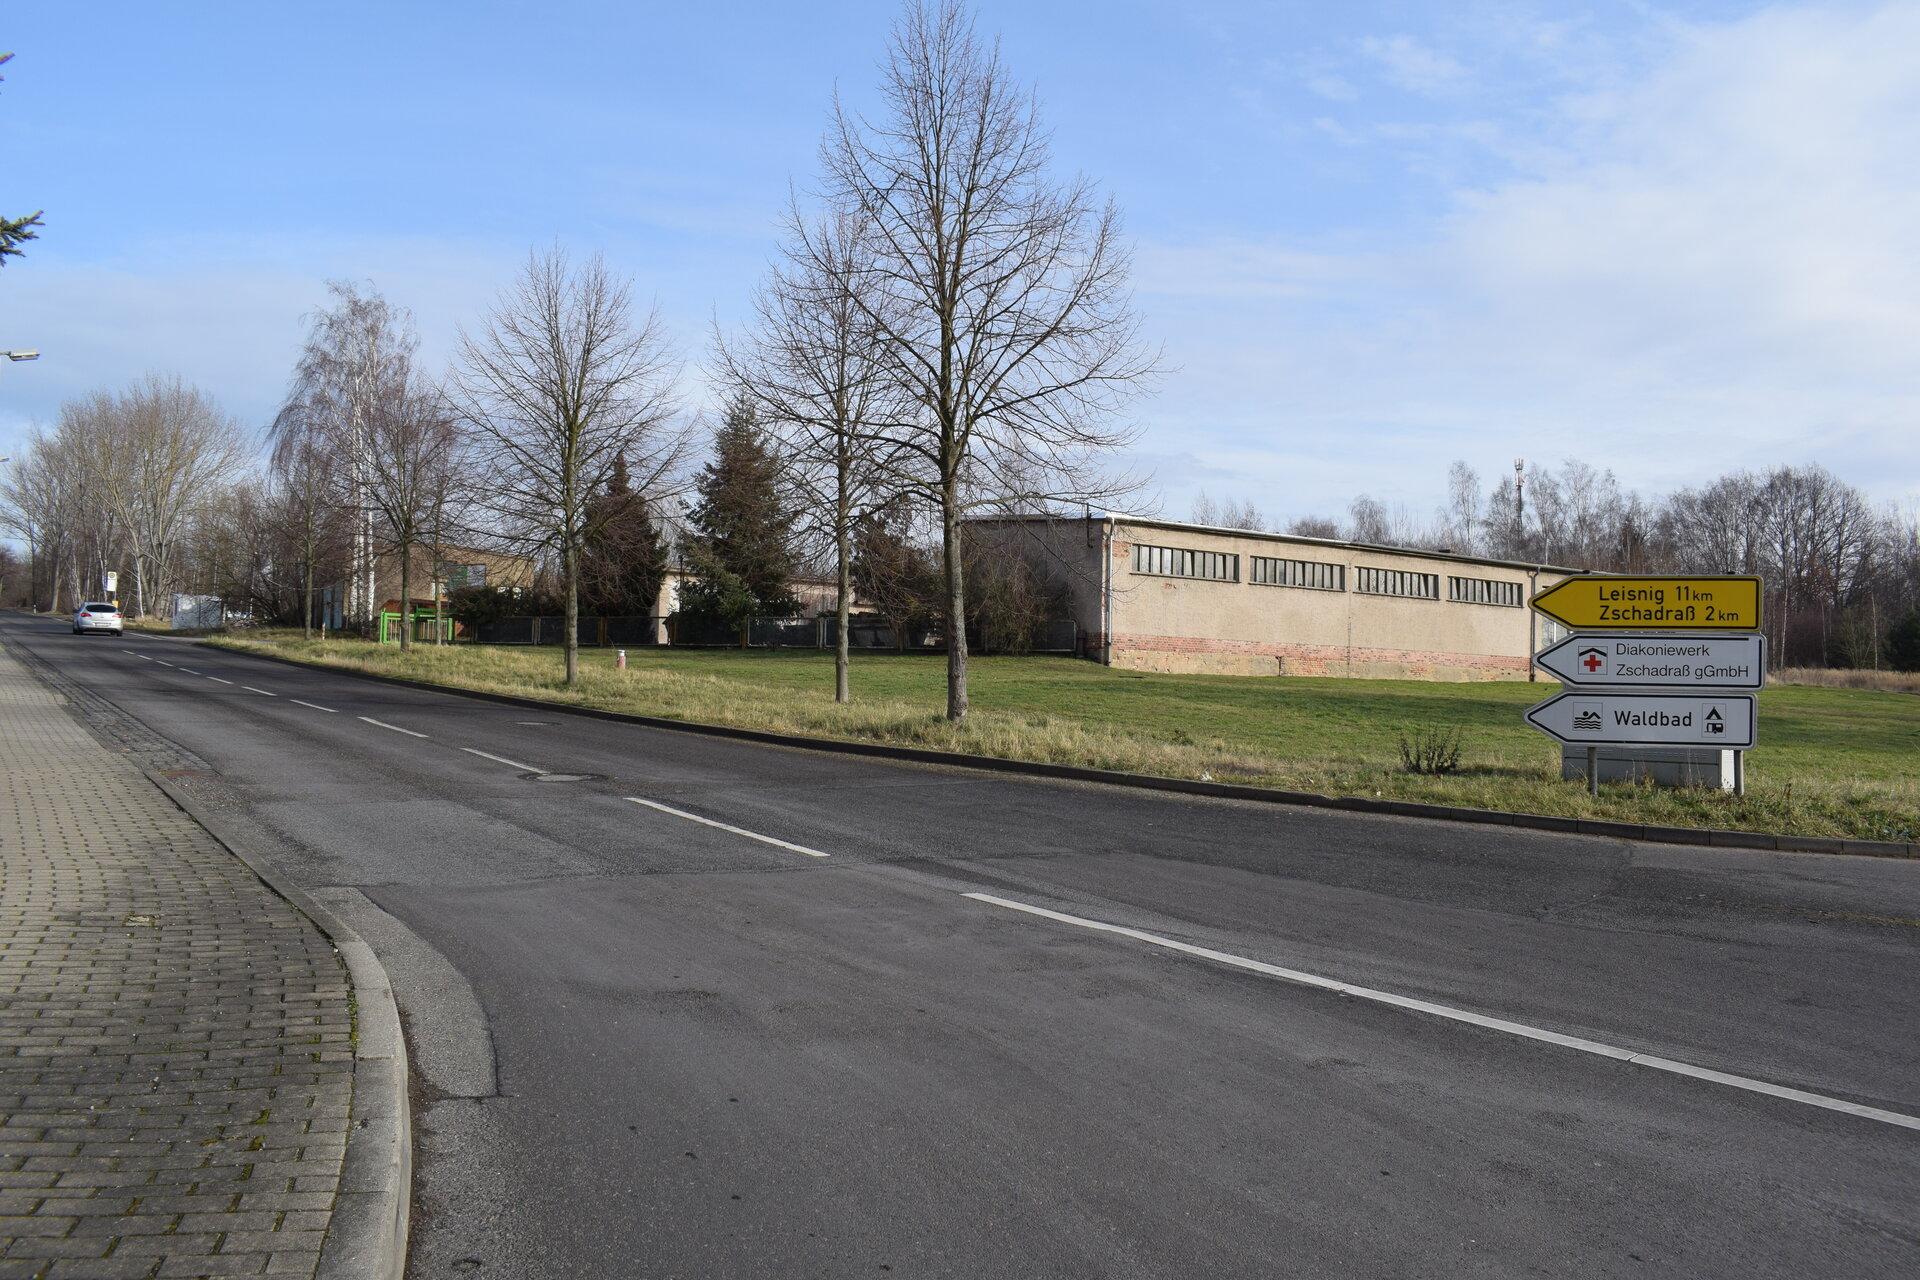 Leisniger Straße Richtung Tiergarten nach Zschadraß